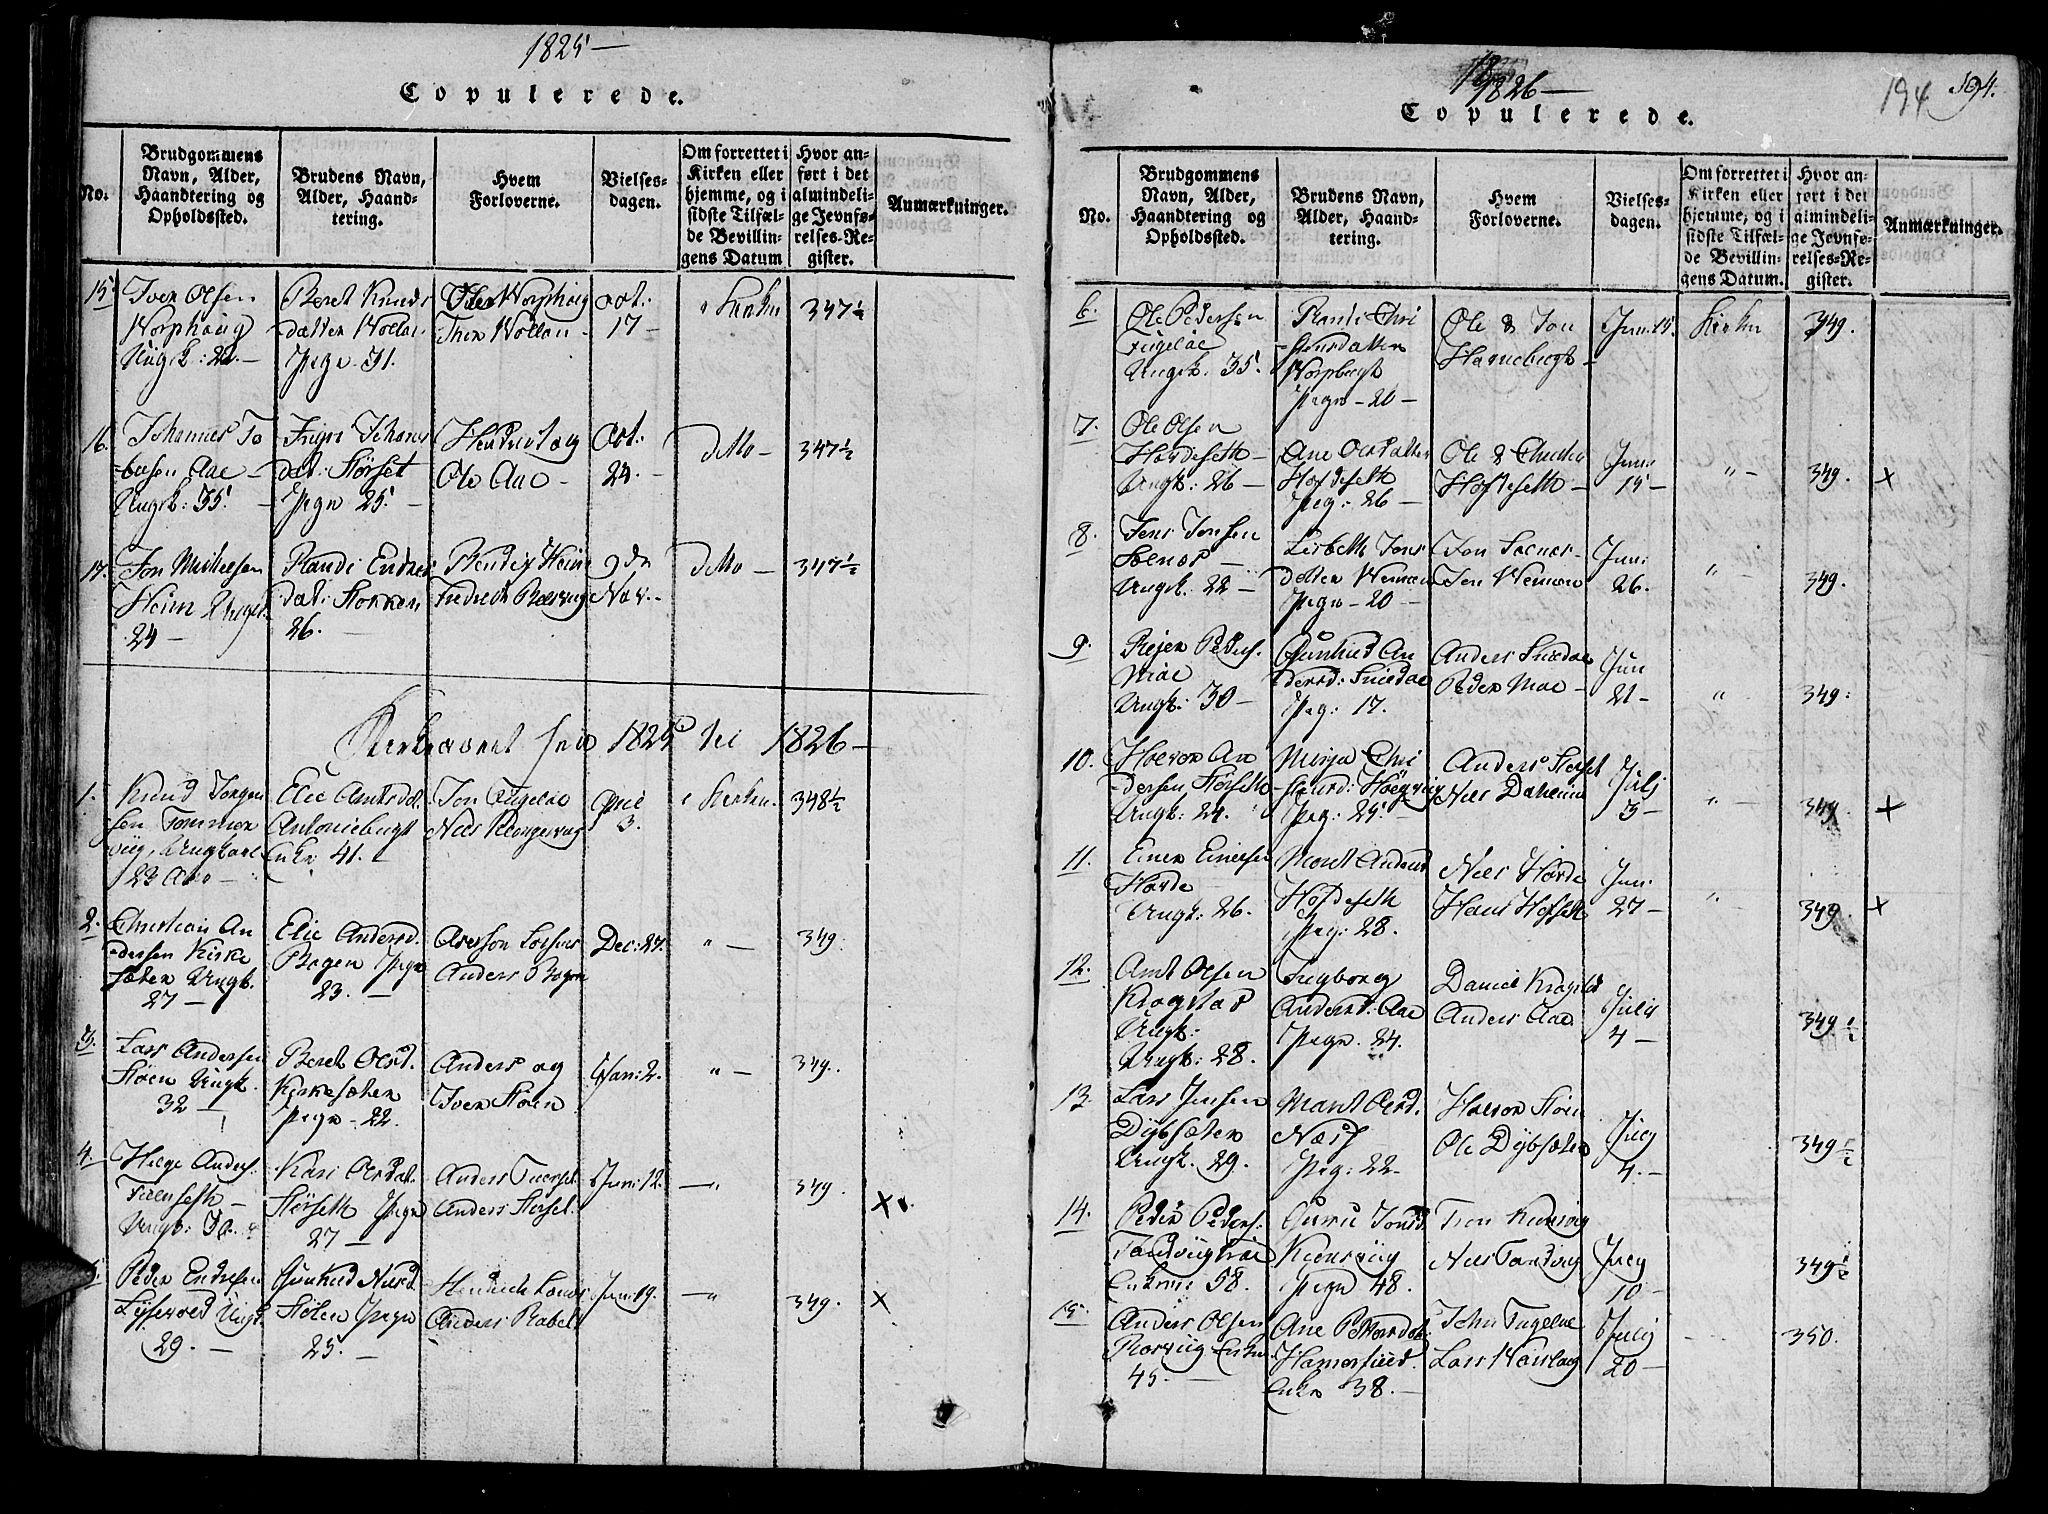 SAT, Ministerialprotokoller, klokkerbøker og fødselsregistre - Sør-Trøndelag, 630/L0491: Ministerialbok nr. 630A04, 1818-1830, s. 194